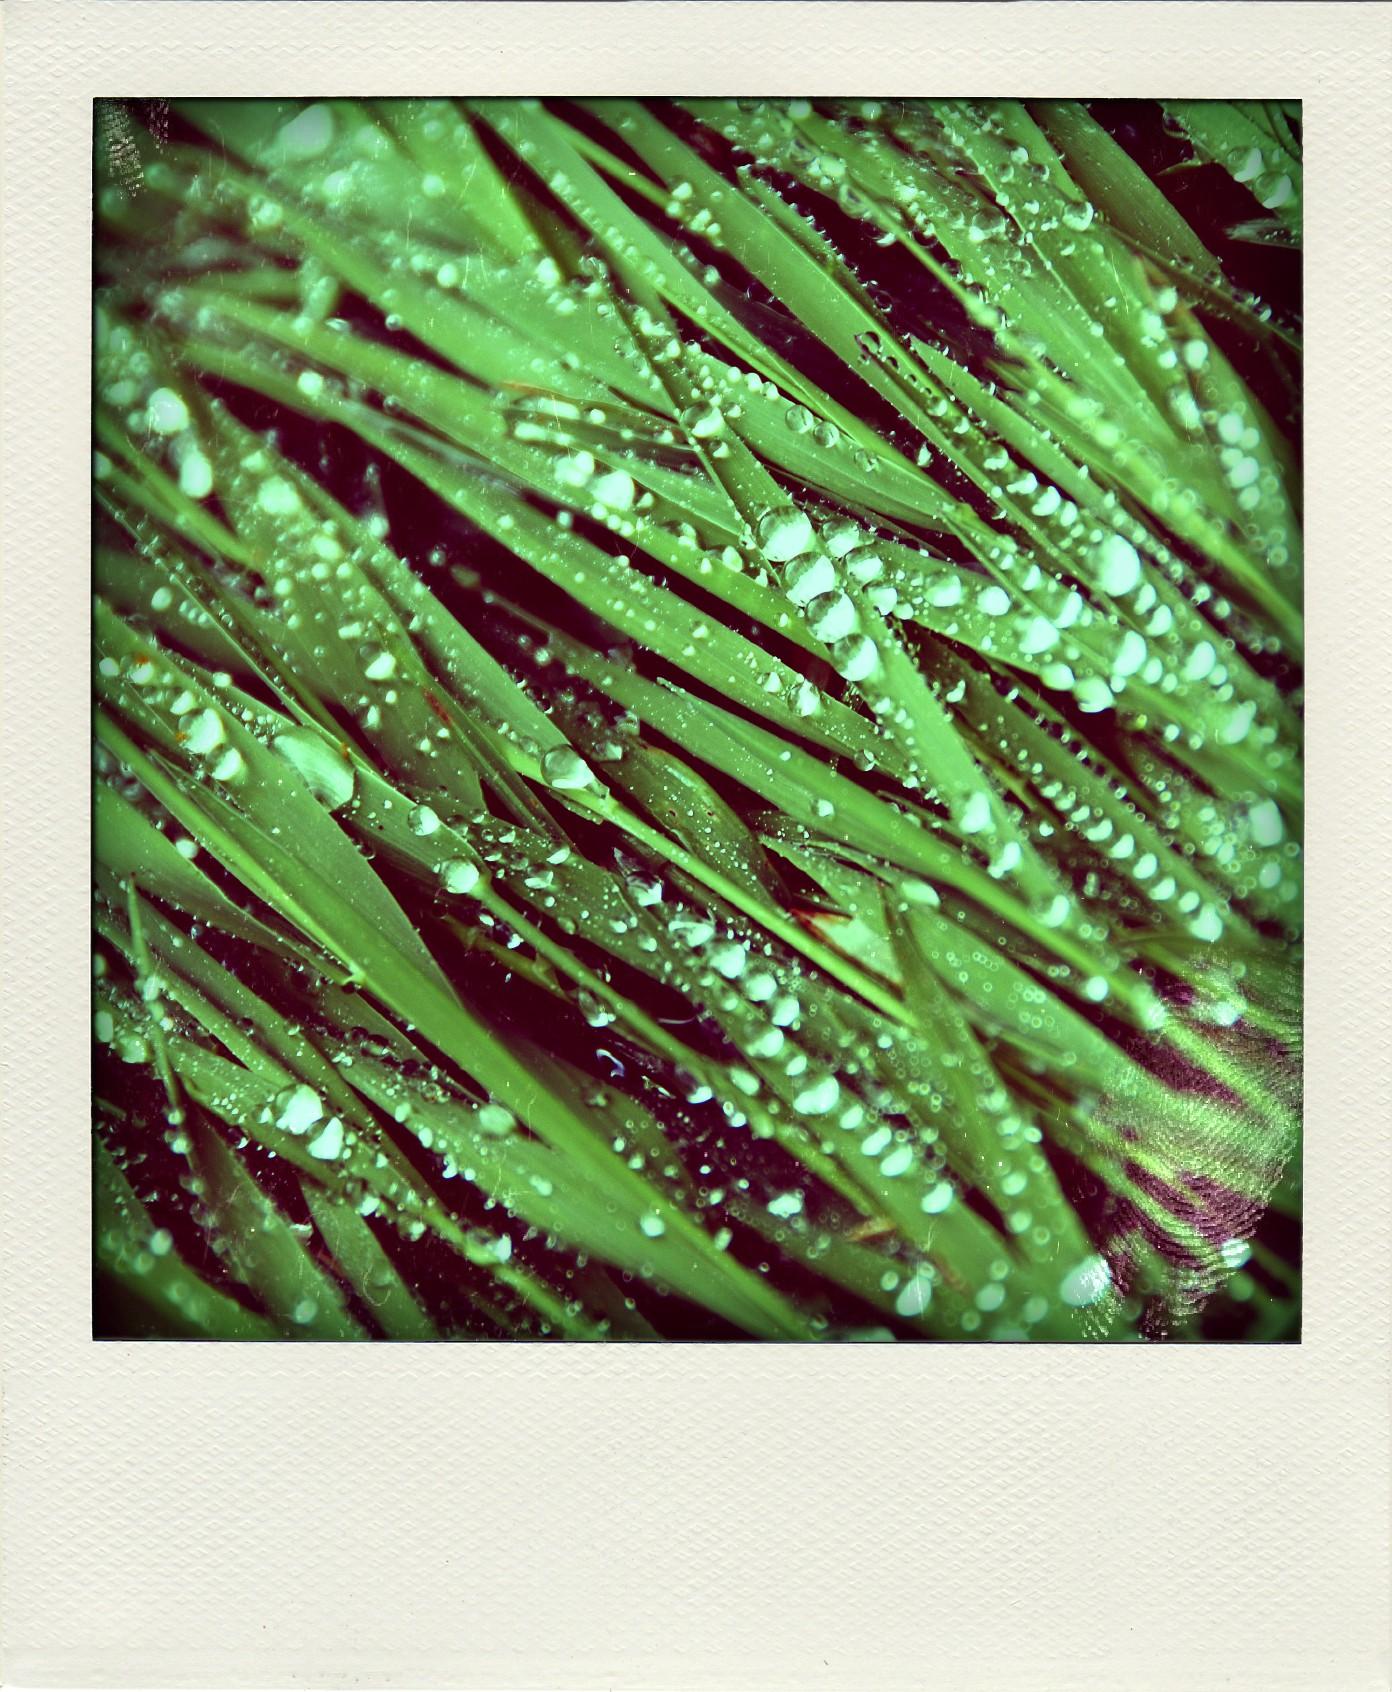 Grass & Water beads-pola.jpg